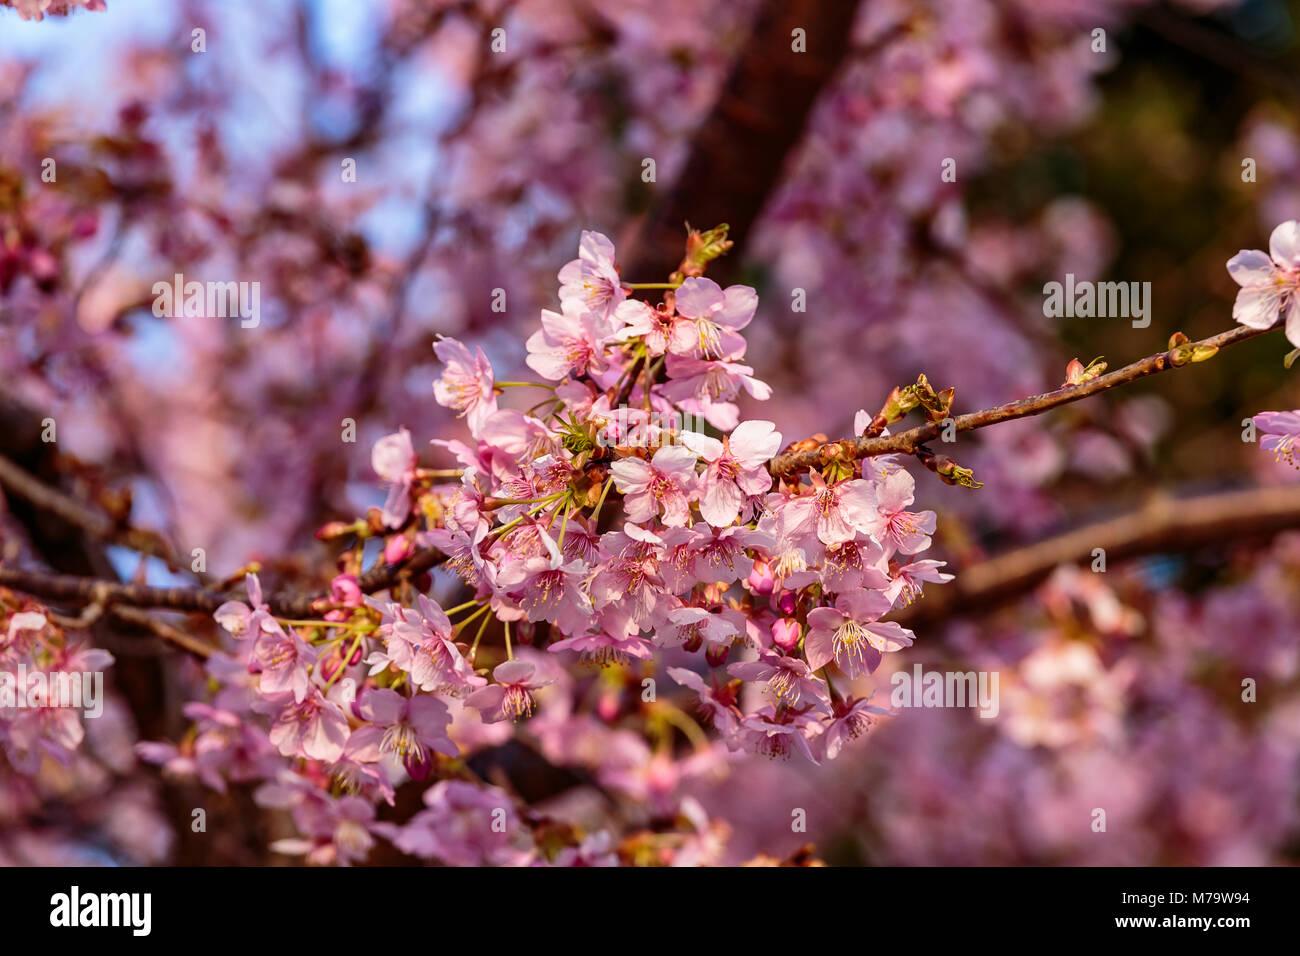 Leuchtend rosa Pflaume Blüten füllen die Bäume Ende Februar in Japan. Pflaumen sind eine der ersten Stockbild